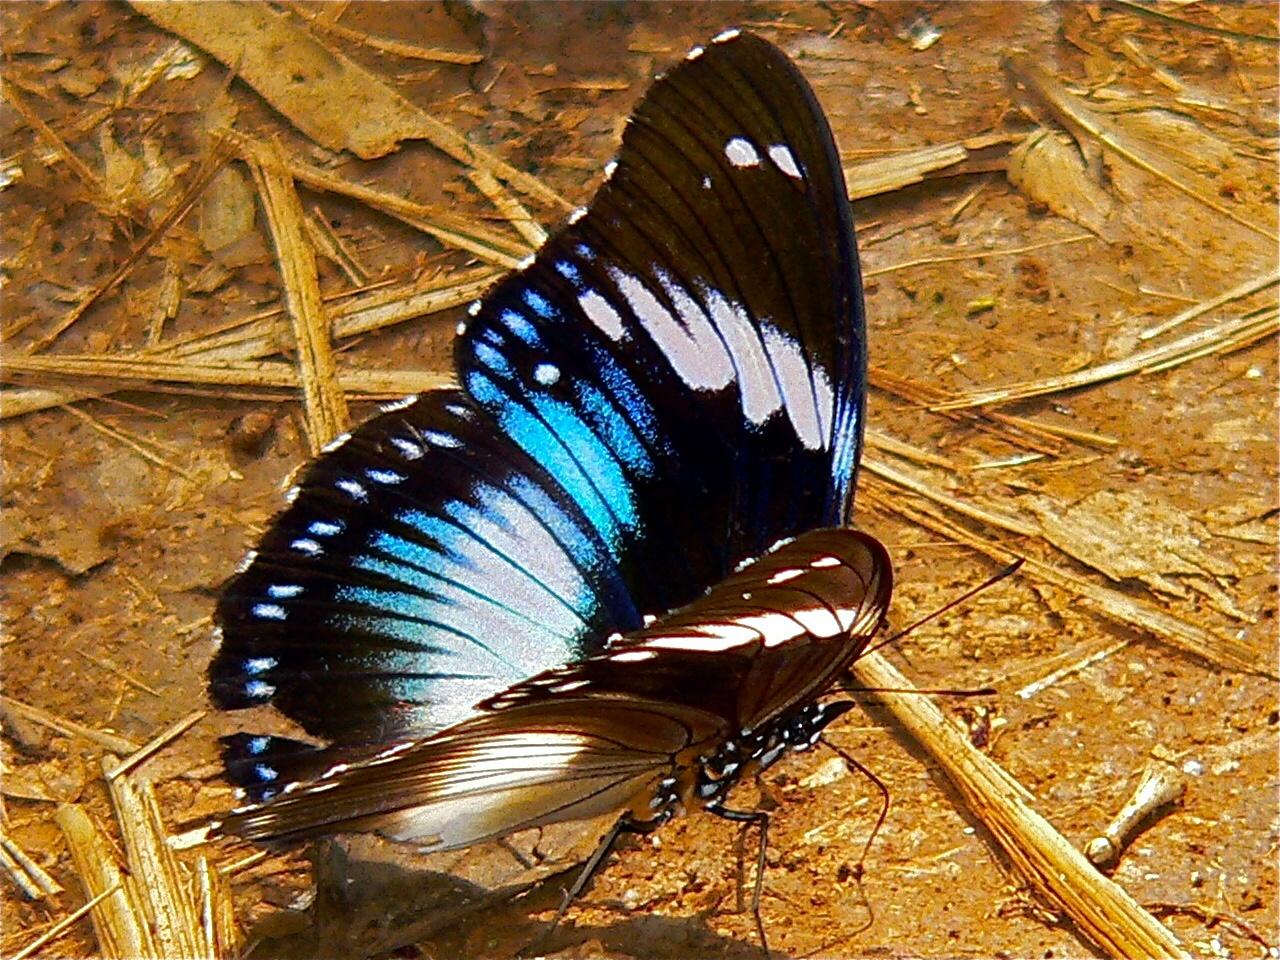 Bộ sưu tập cánh vẩy 6 - Page 14 Blue_Diadem_%28Hypolimnas_salmacis%29_%287700011516%29